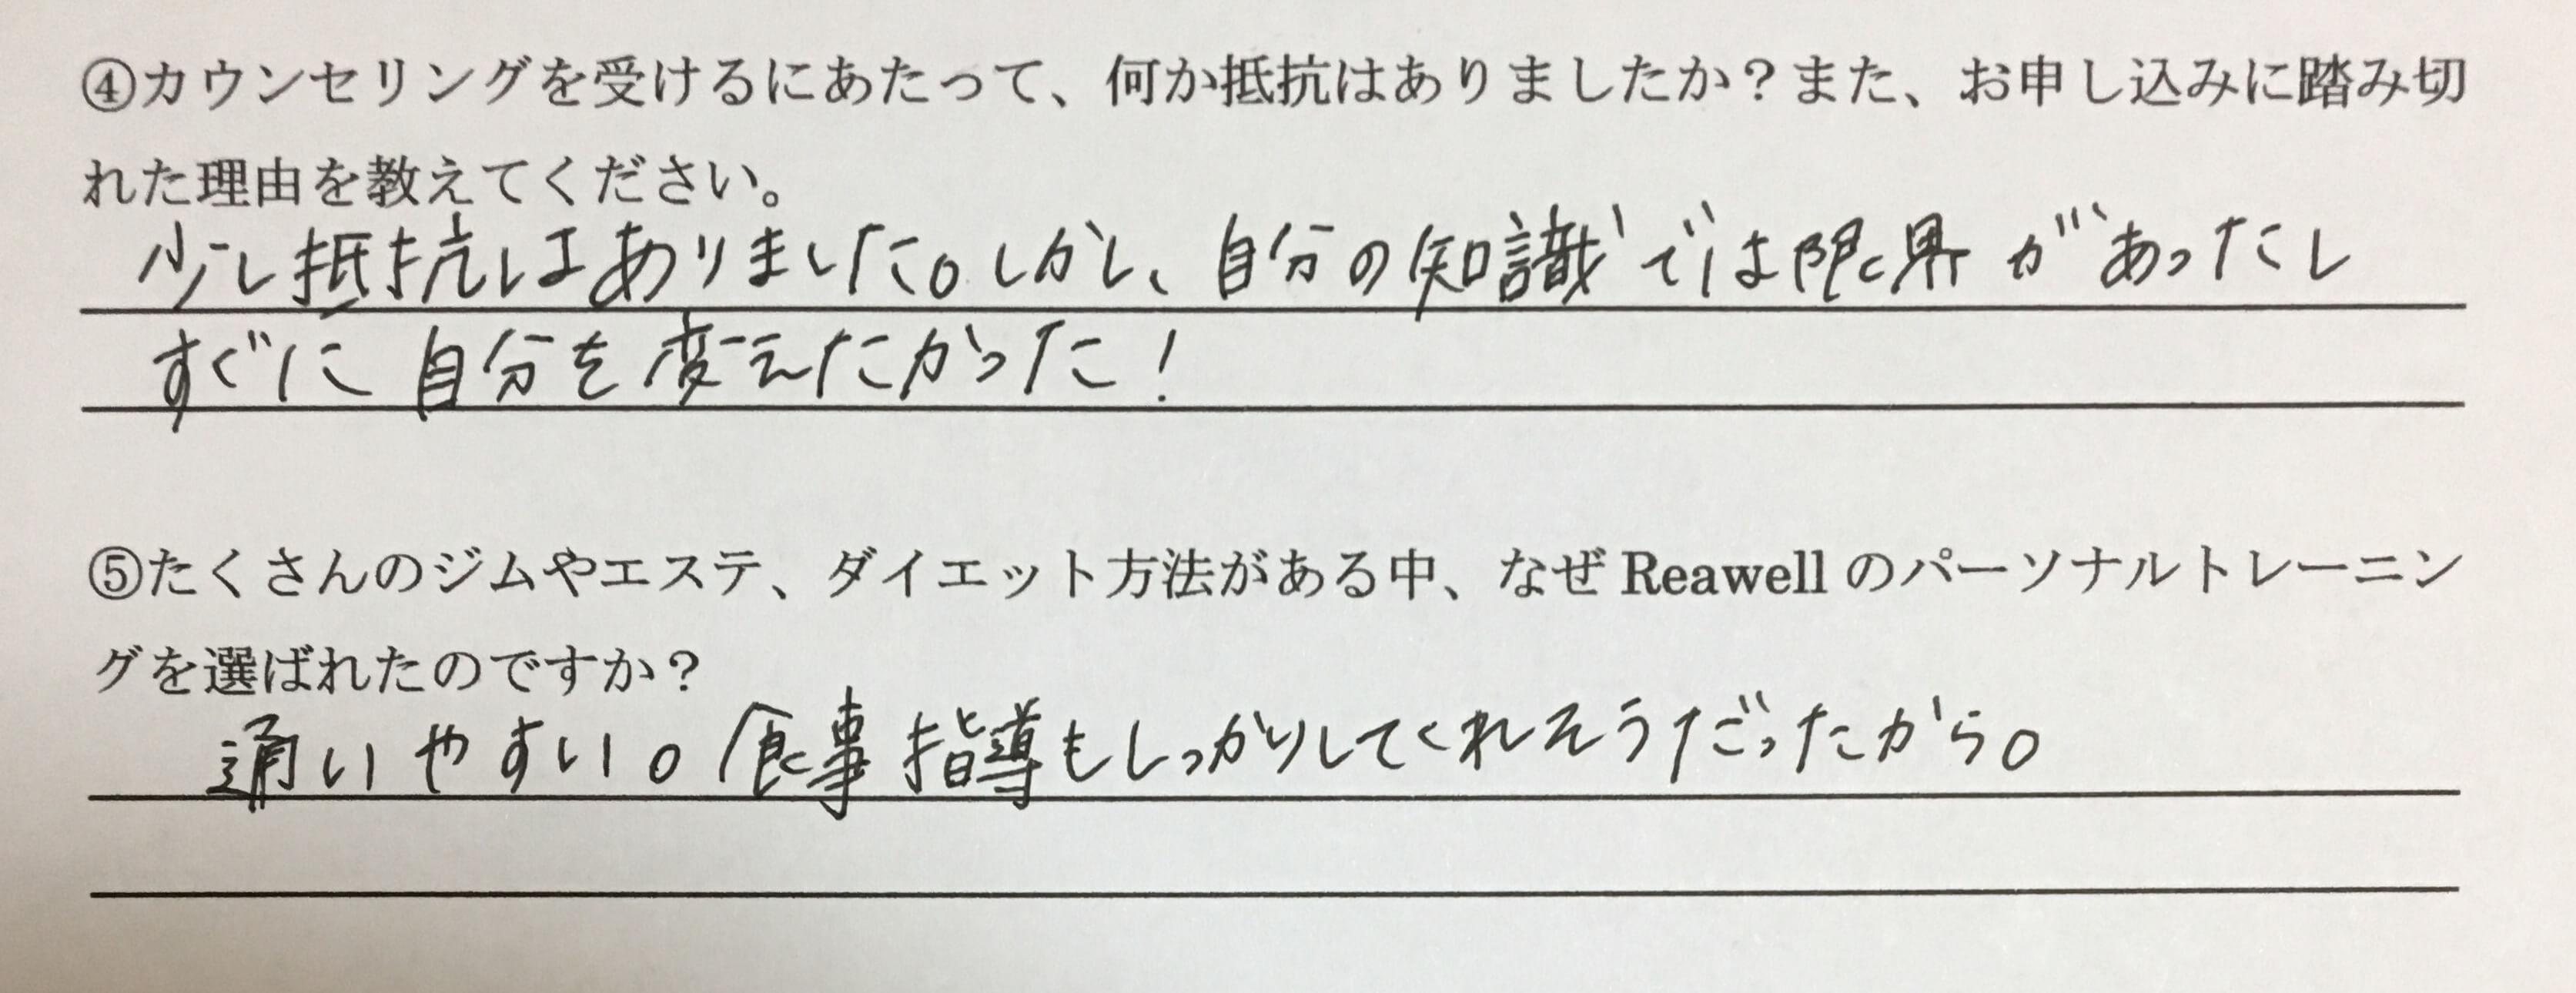 上野のパーソナルジムのお客様の声~20代女性~